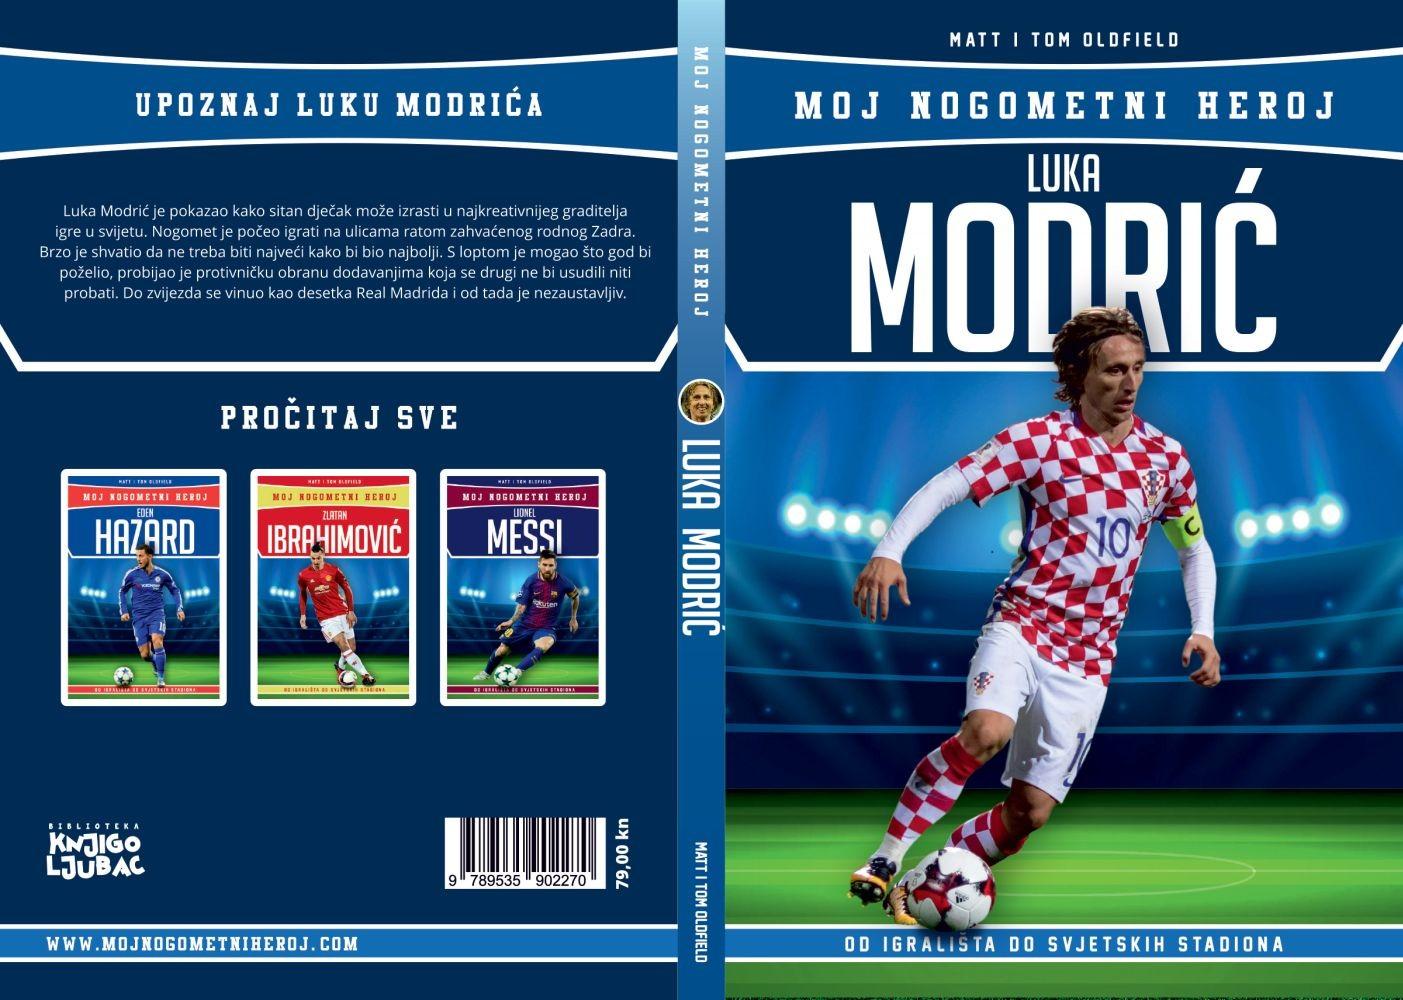 Luka Modrić - Moj nogometni heroj - biografija